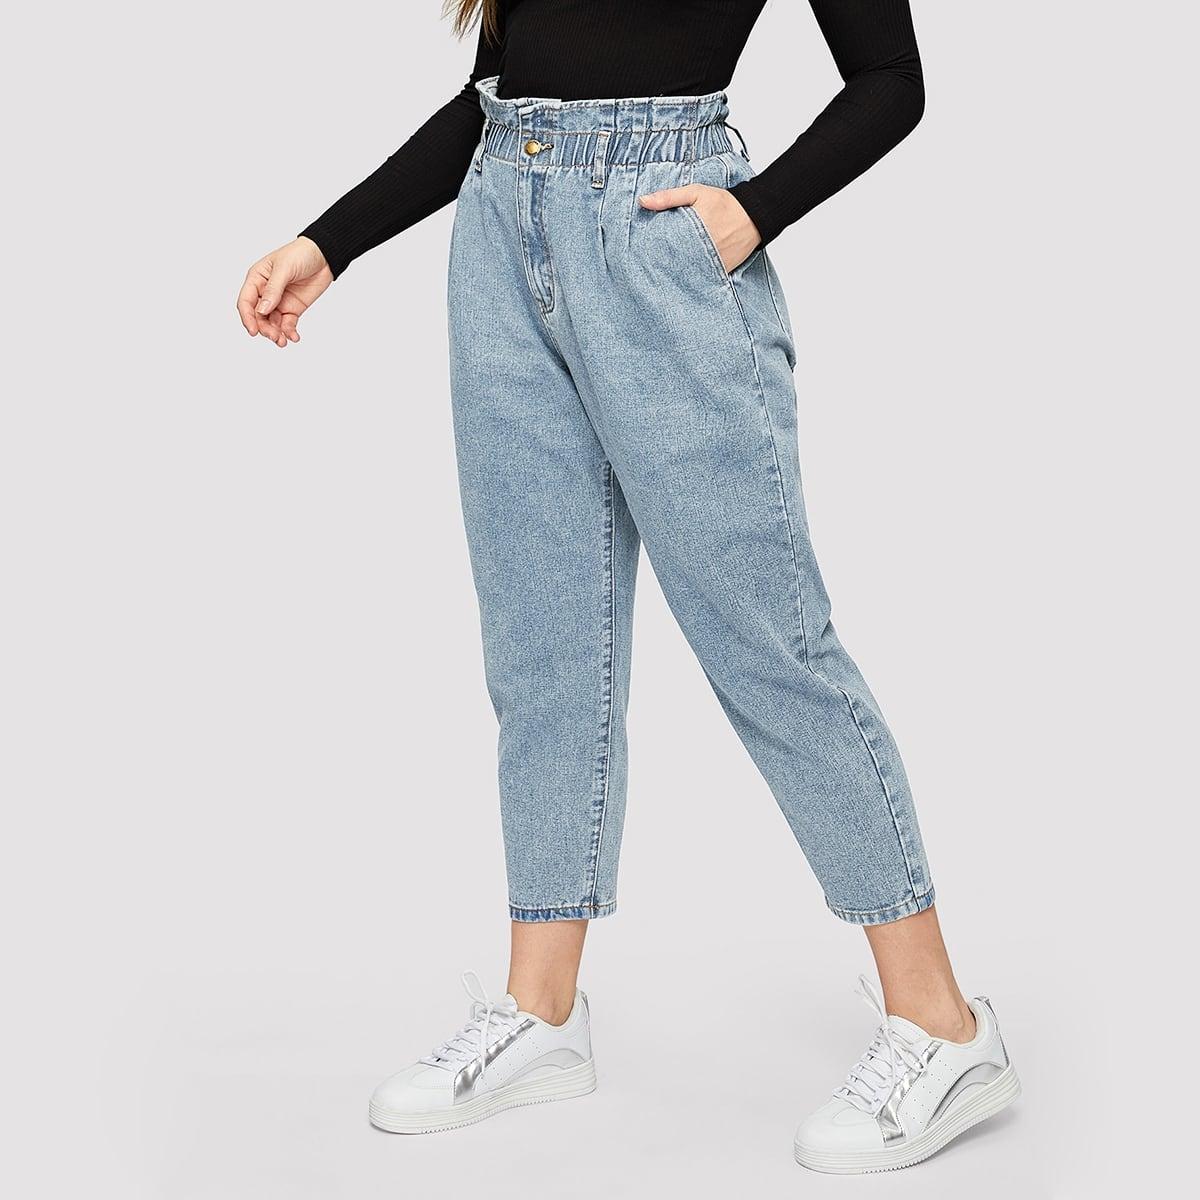 Короткие джинсы с оборками размера плюс